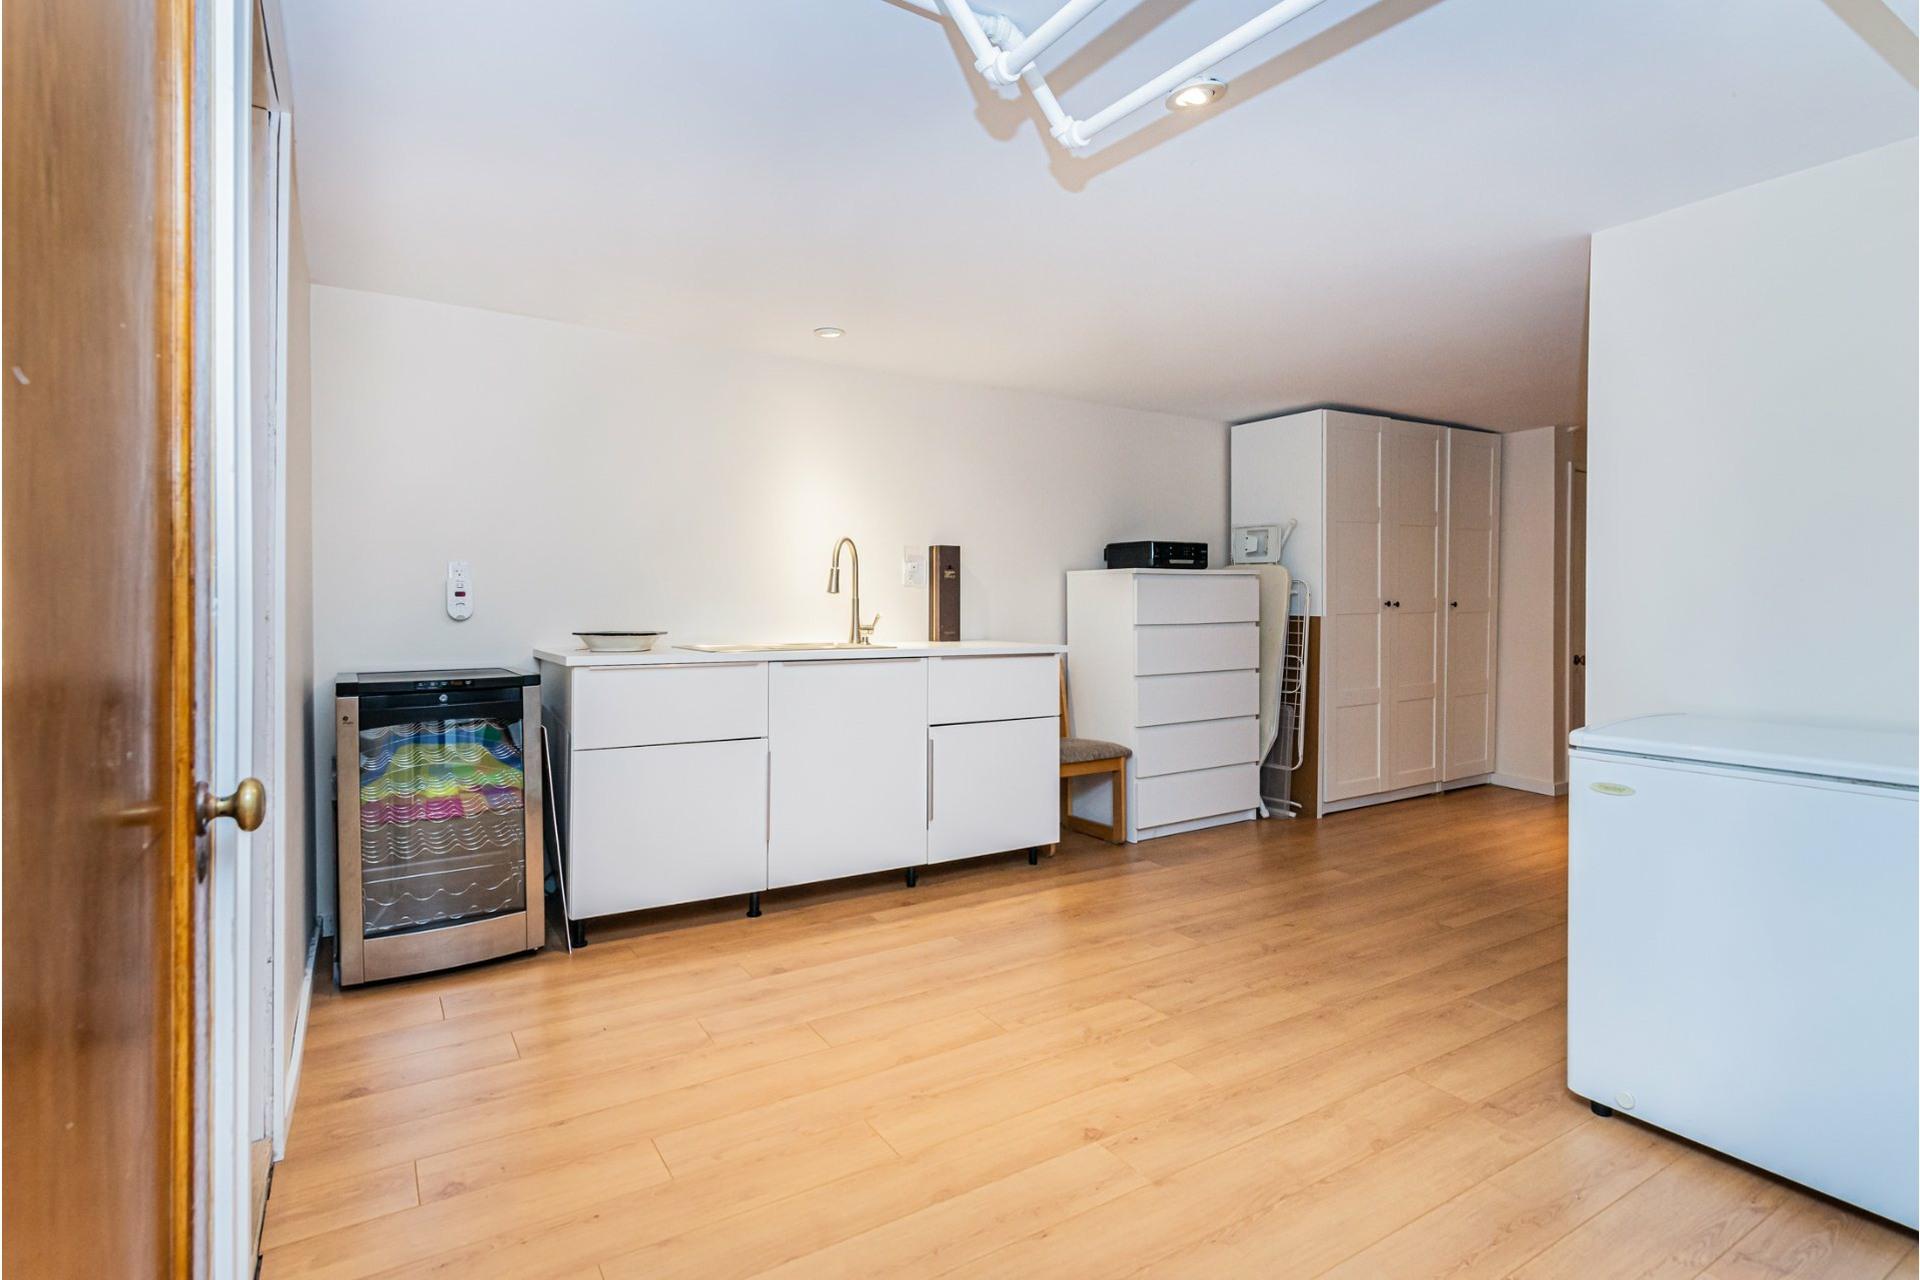 image 22 - Apartment For sale Côte-des-Neiges/Notre-Dame-de-Grâce Montréal  - 9 rooms